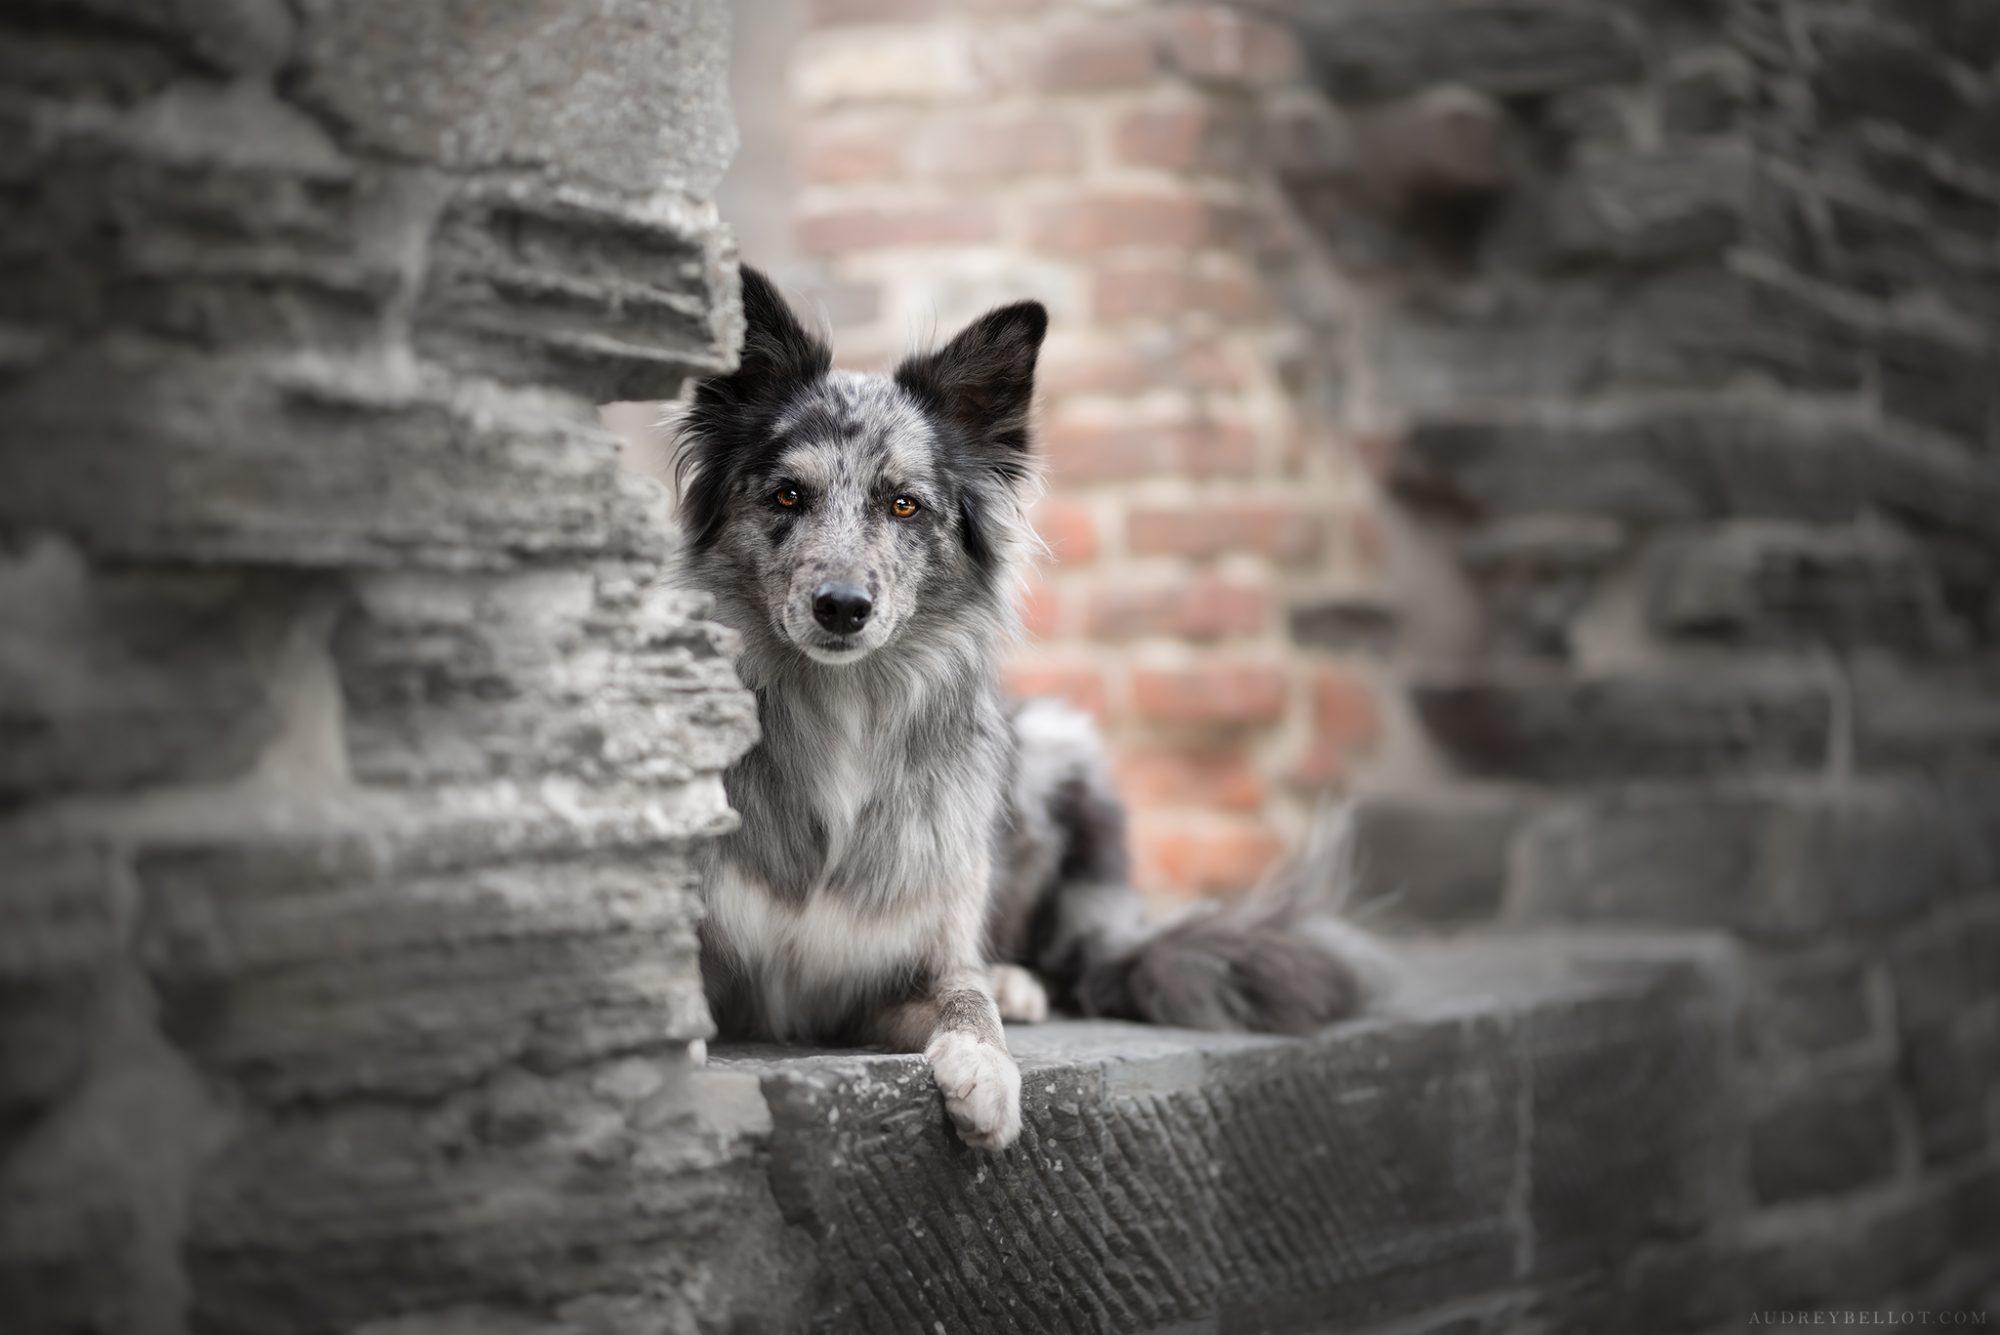 Audrey Bellot Photographe canin montluçon auvergne allier séances photos chiens